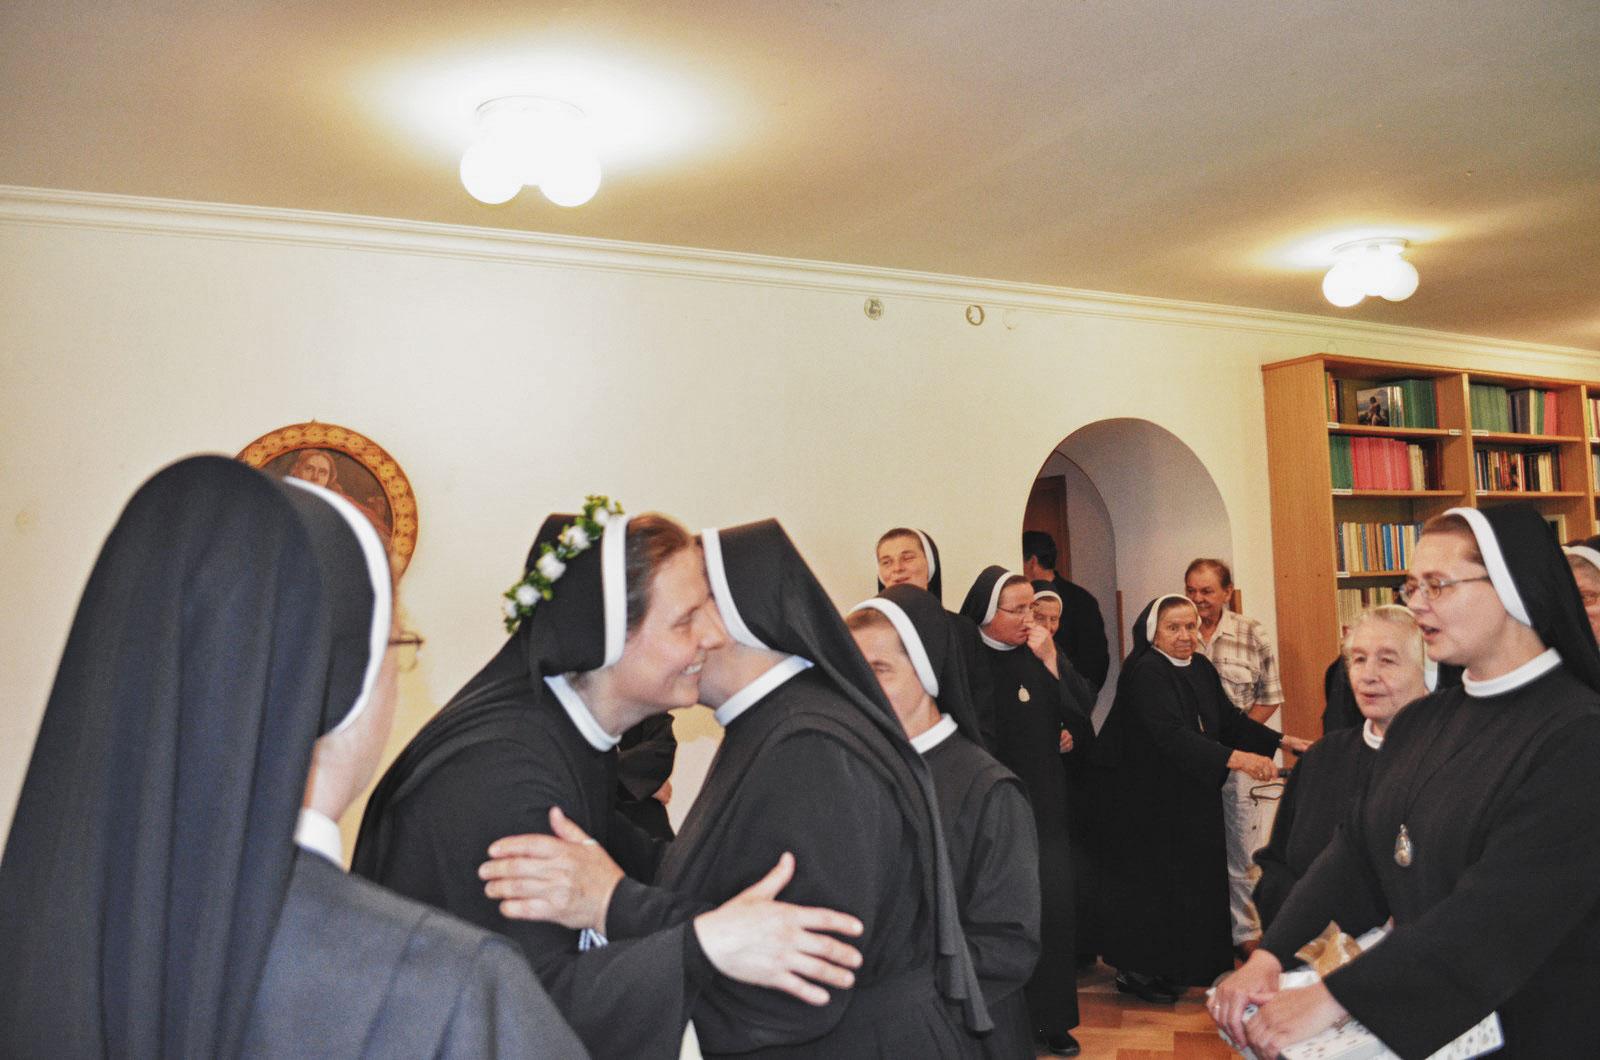 Sióstr_św_Elżbiety-Pierwsze_Śluby_fotorelacja-I-SLUBY-DSC_0608-min.jpg